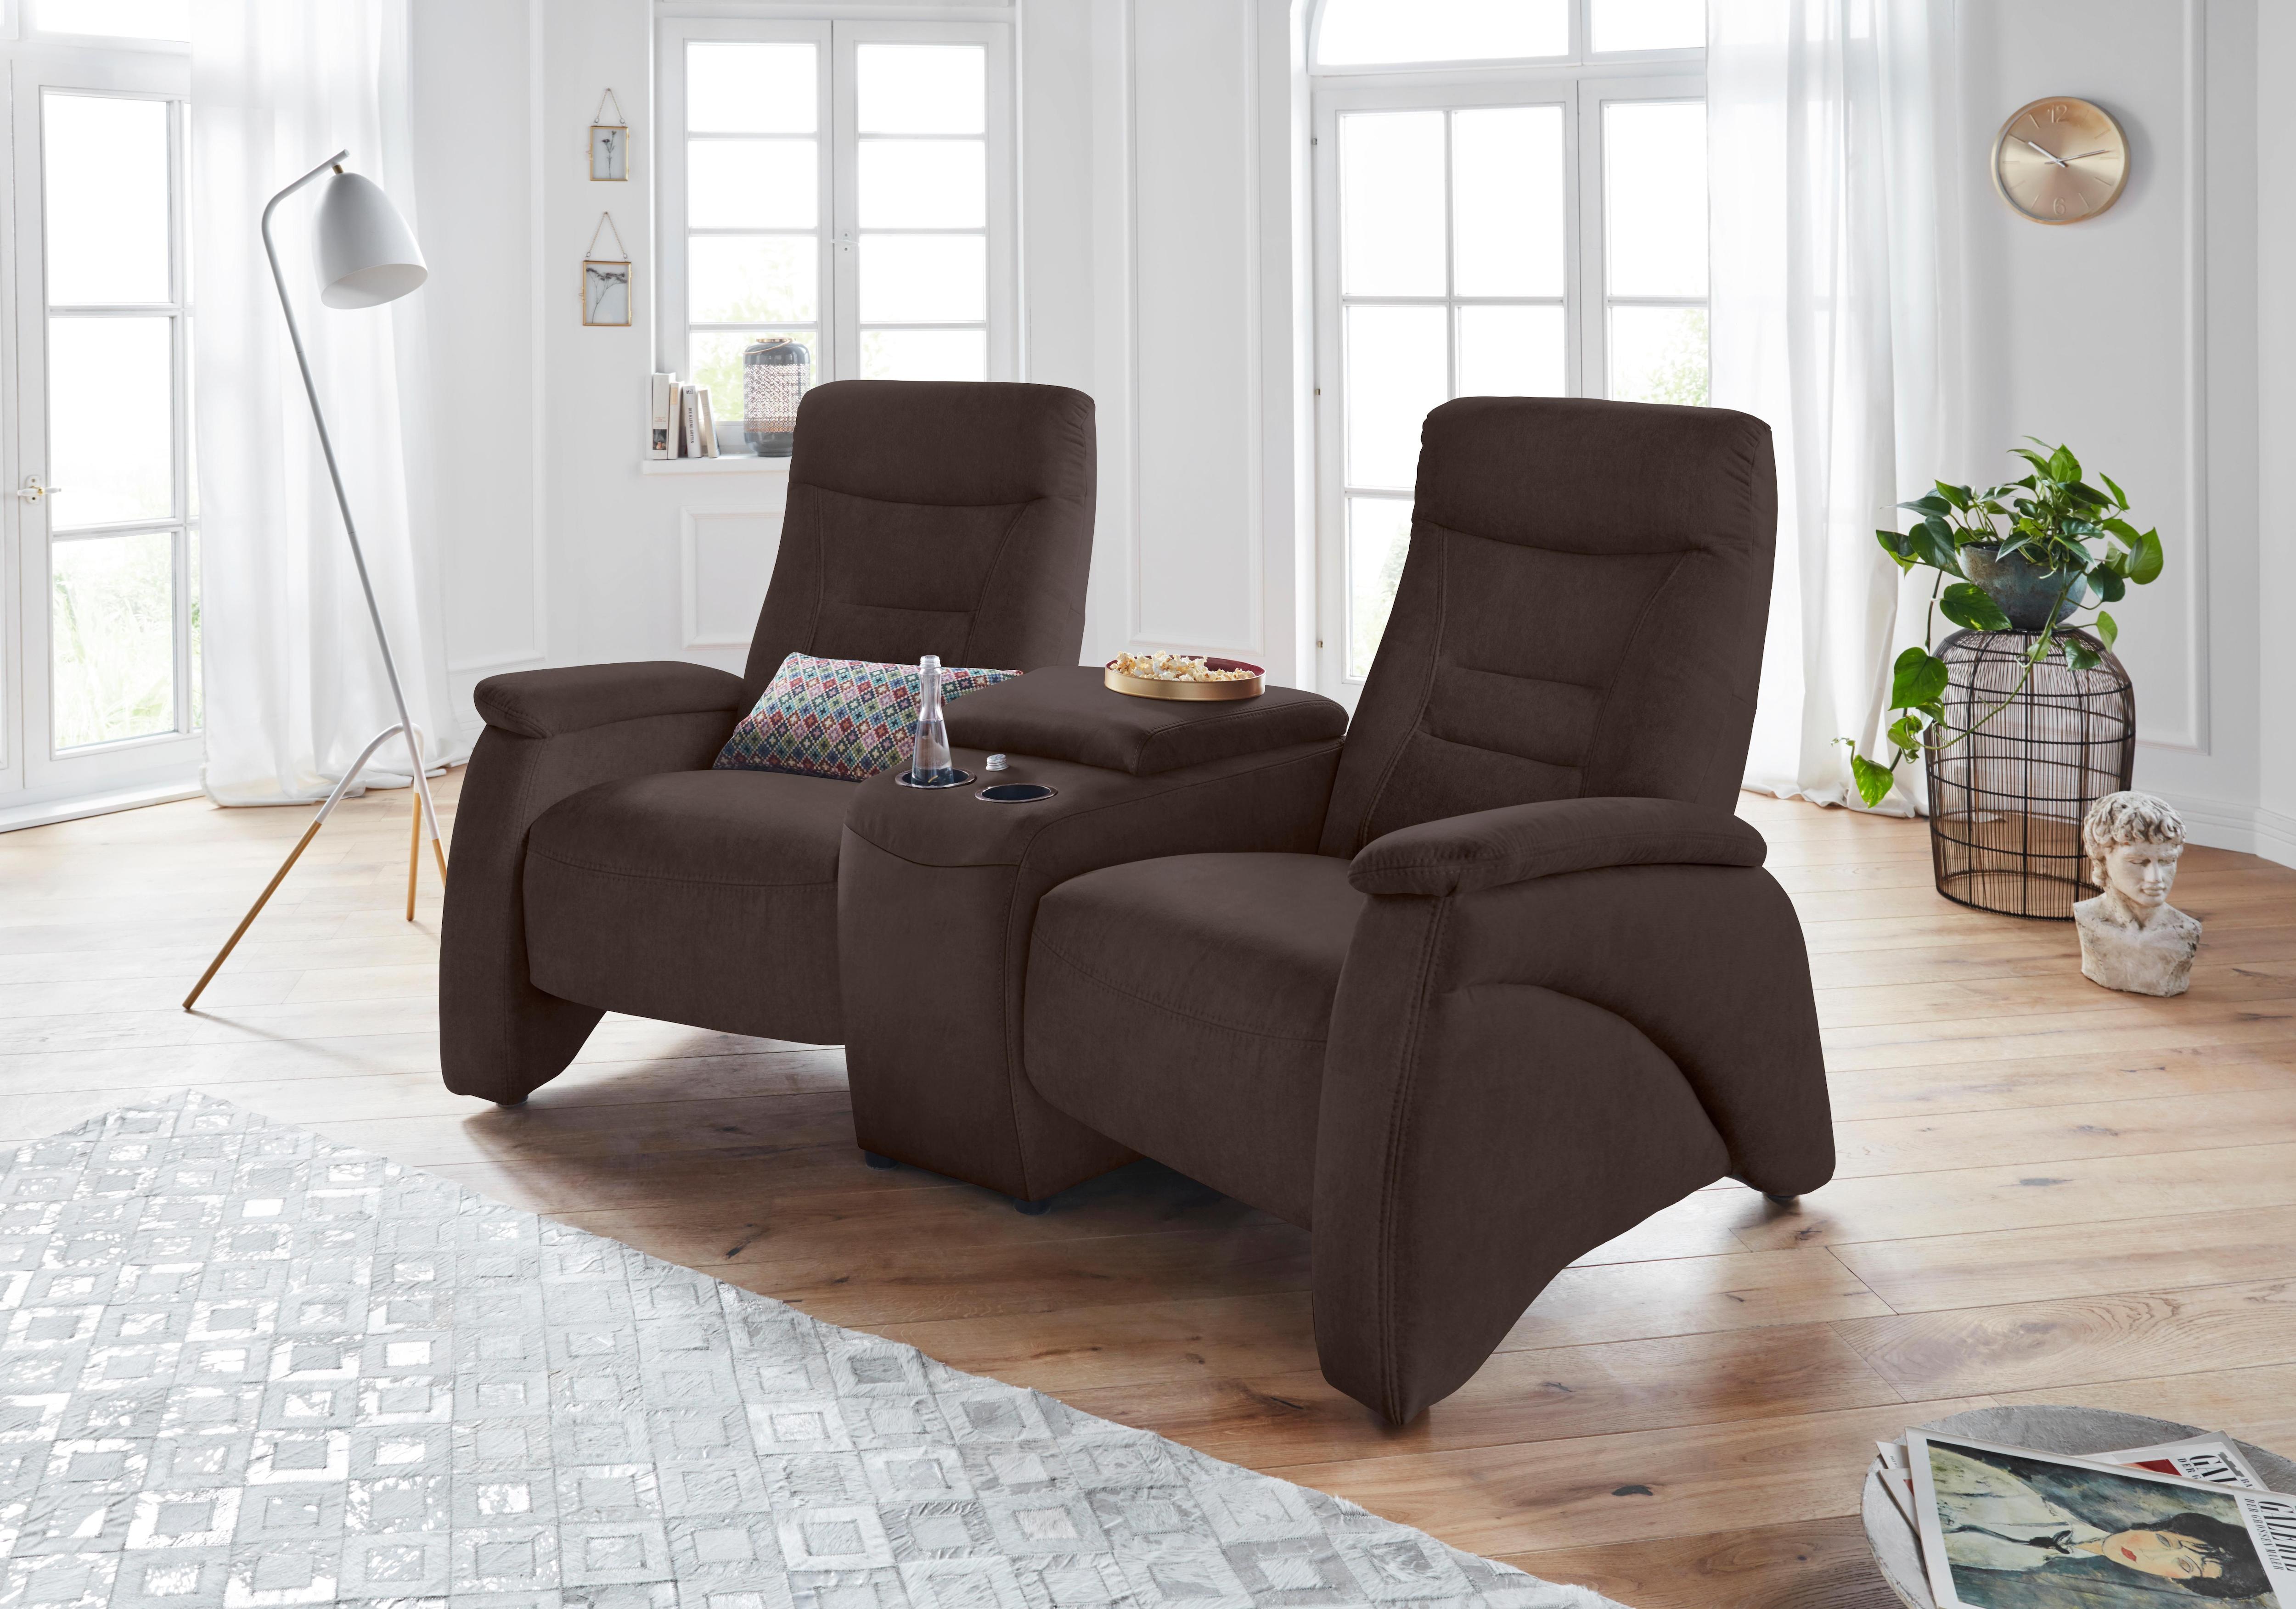 exxpo - sofa fashion 25-Sitzer